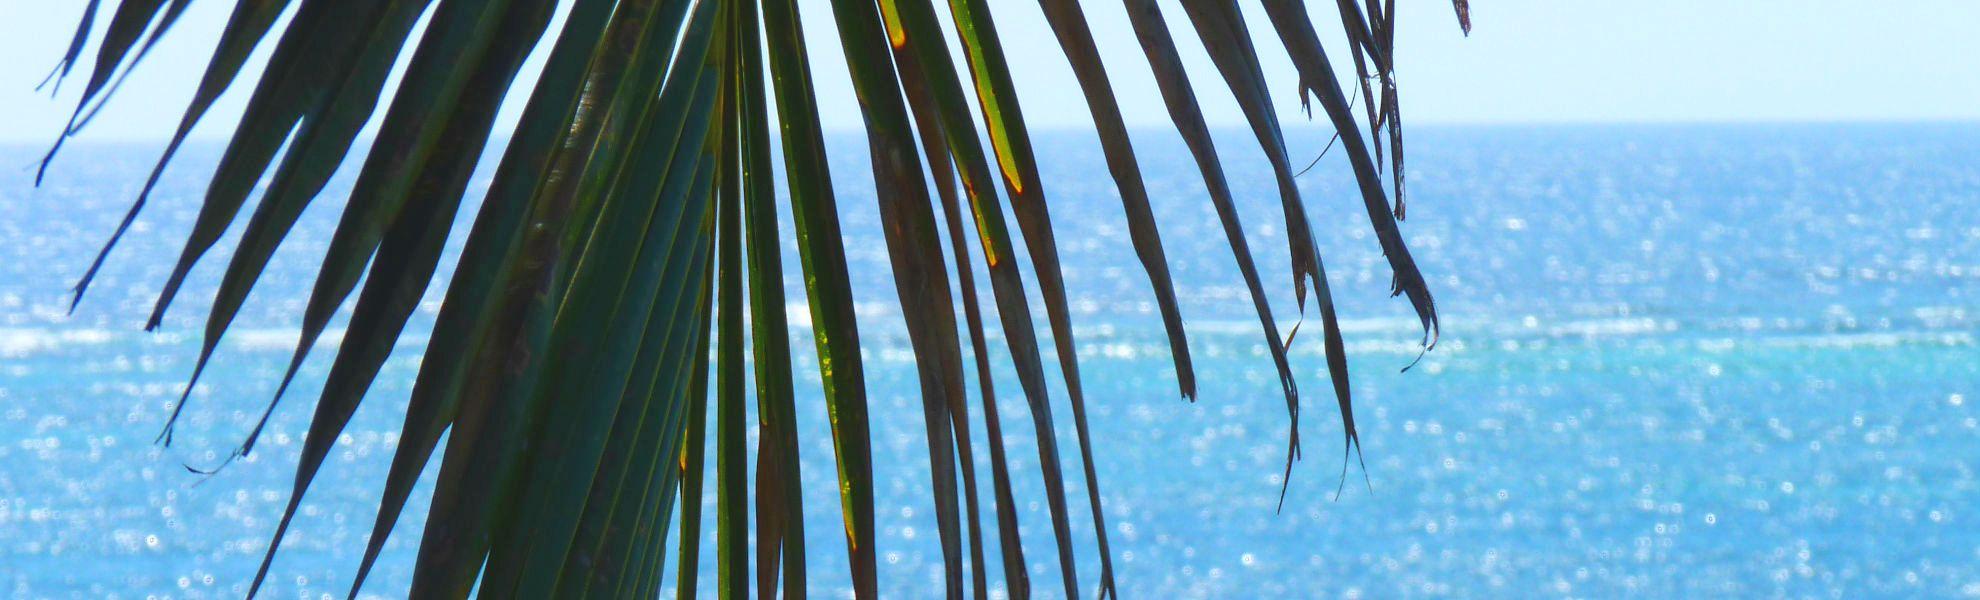 Palmenwedel über dem Indischen Ozean